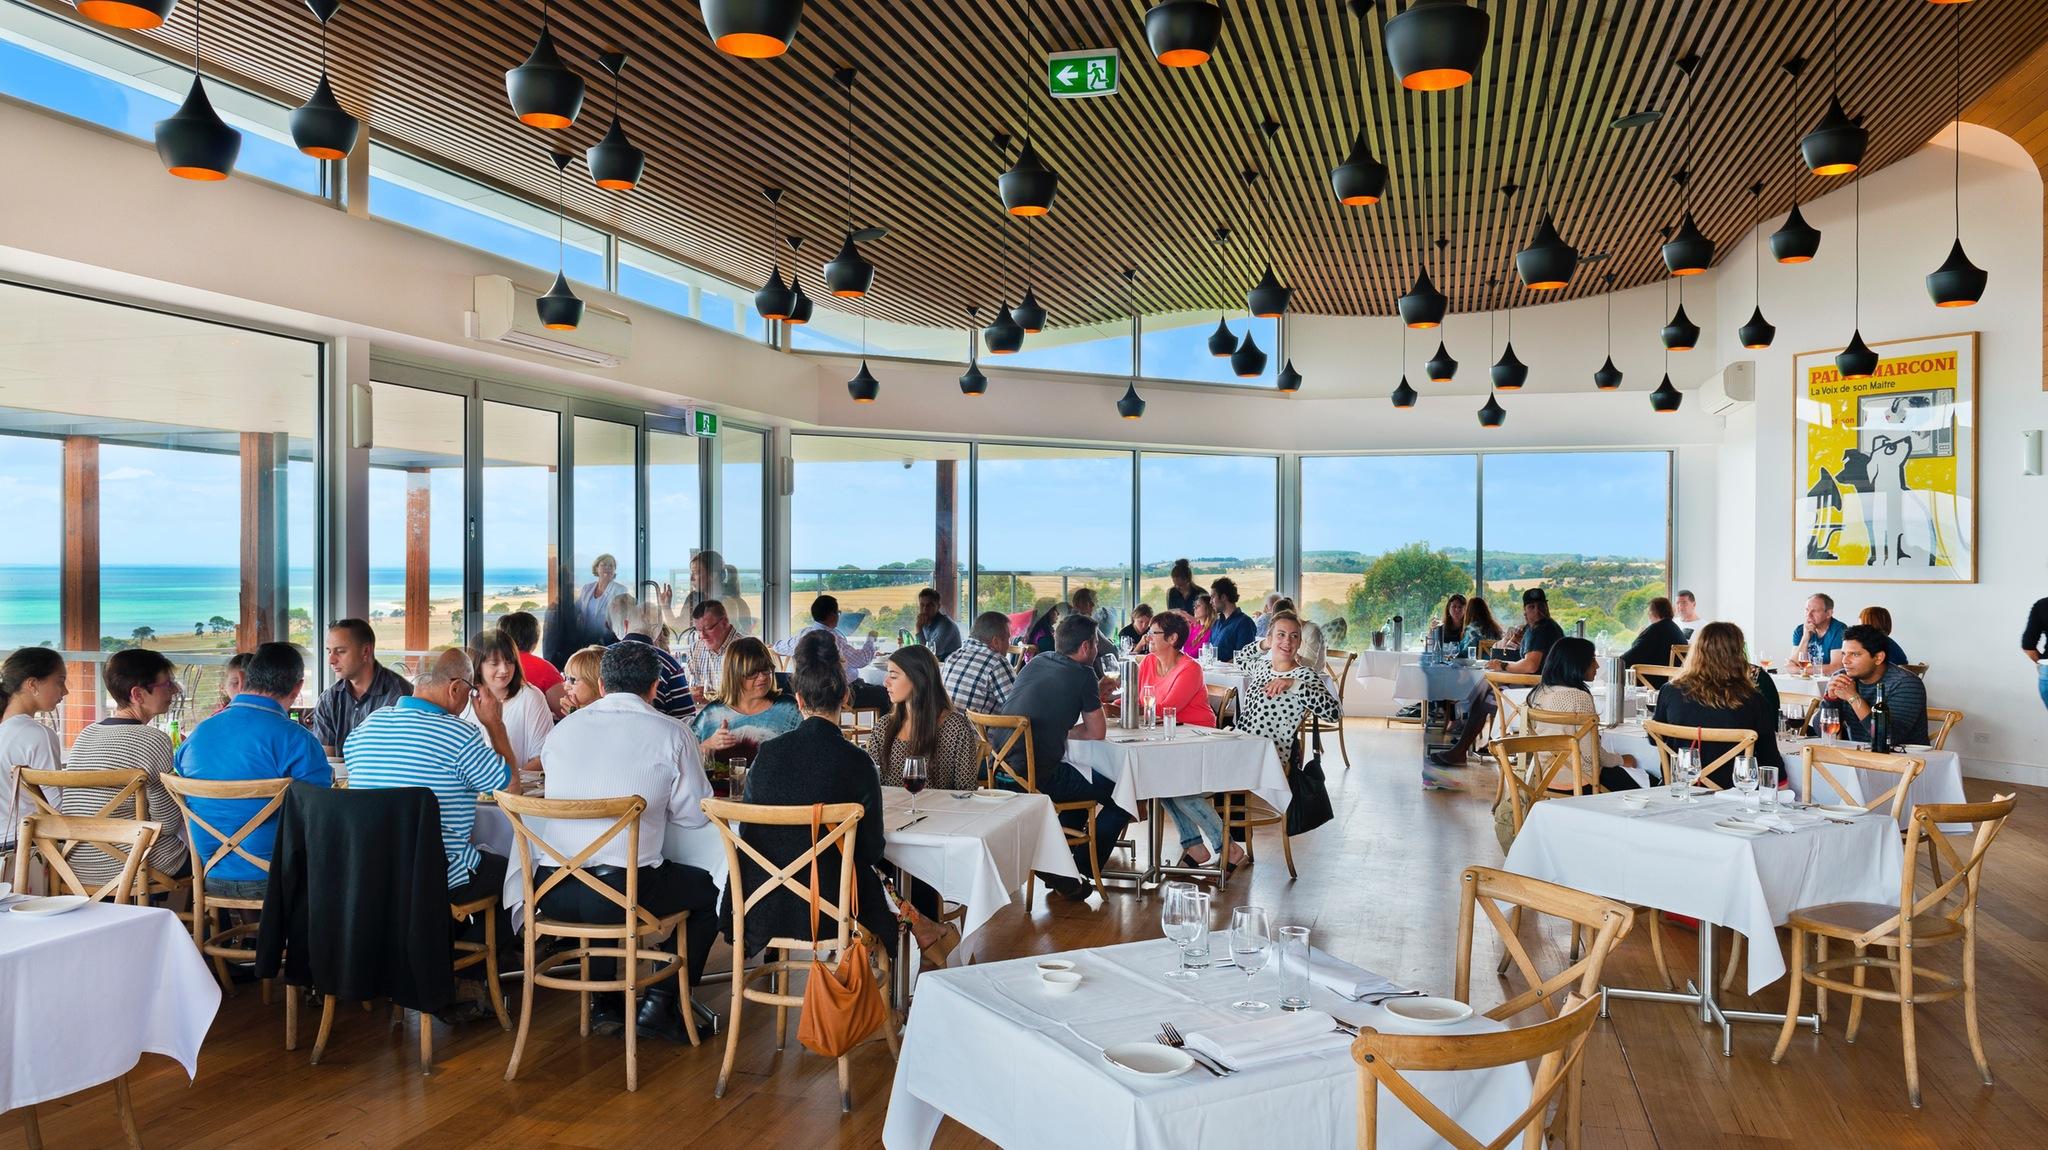 ジャック・ラビット -ベラリーン半島のレストラン